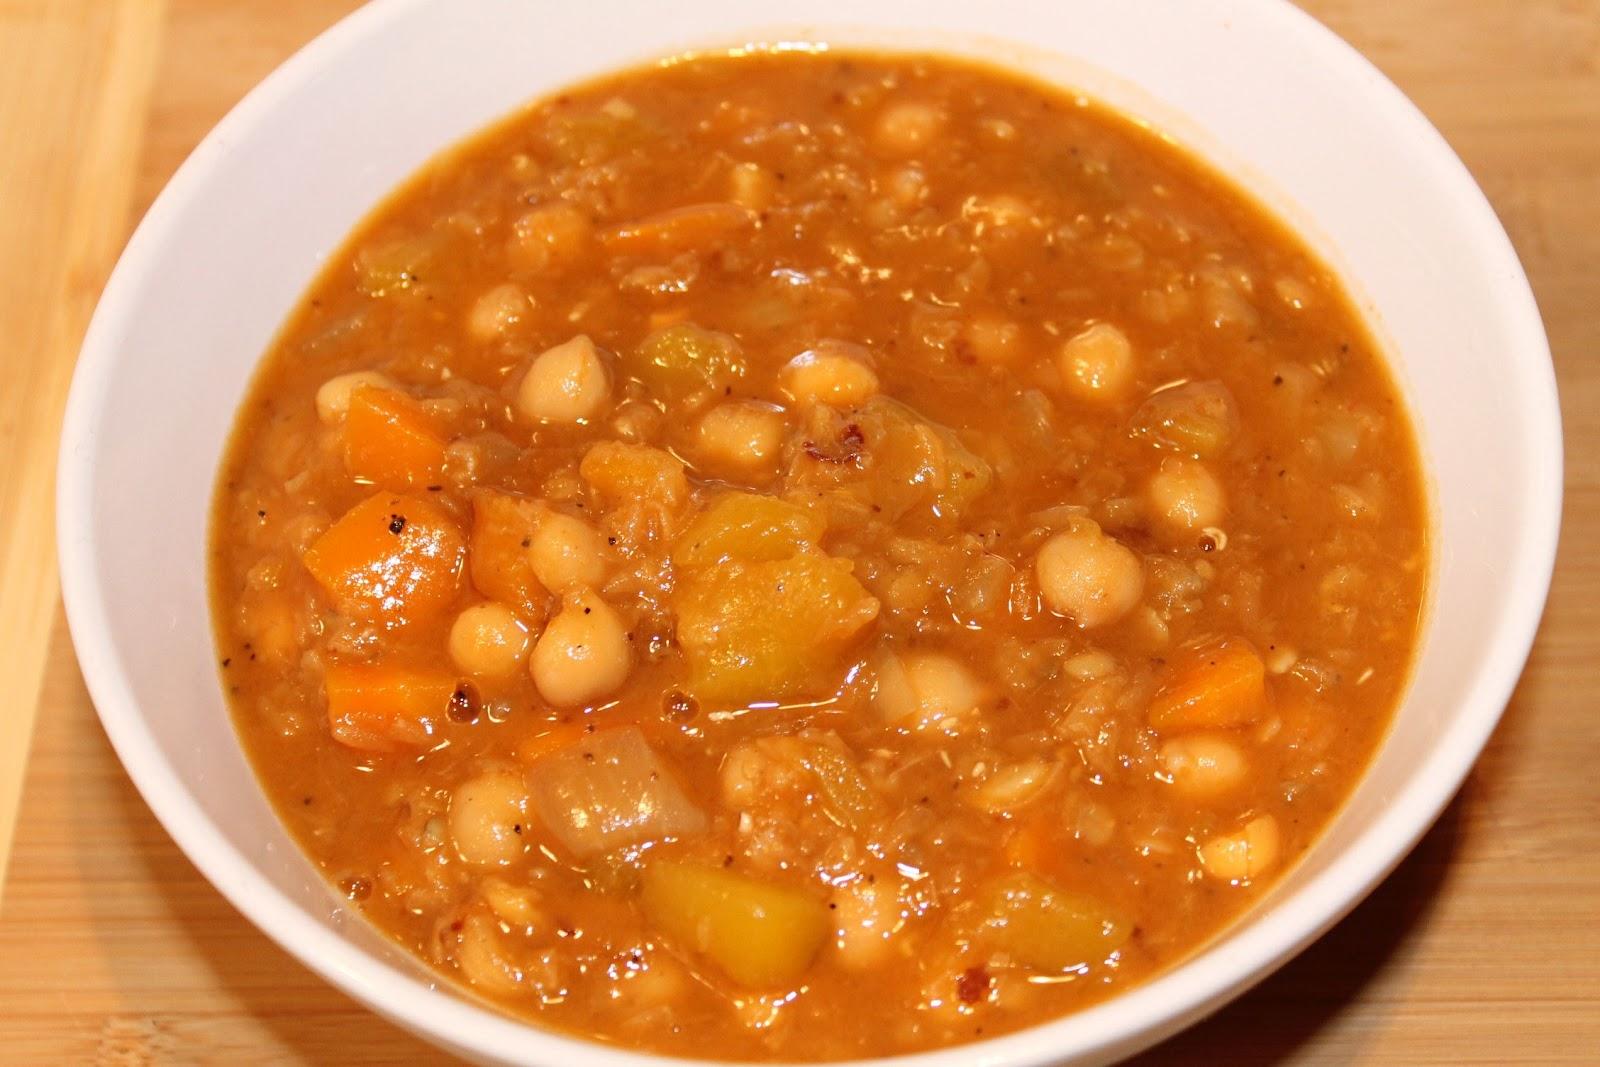 Les douceurs de genny soupe la courge lentilles et - Peut on congeler de la soupe ...